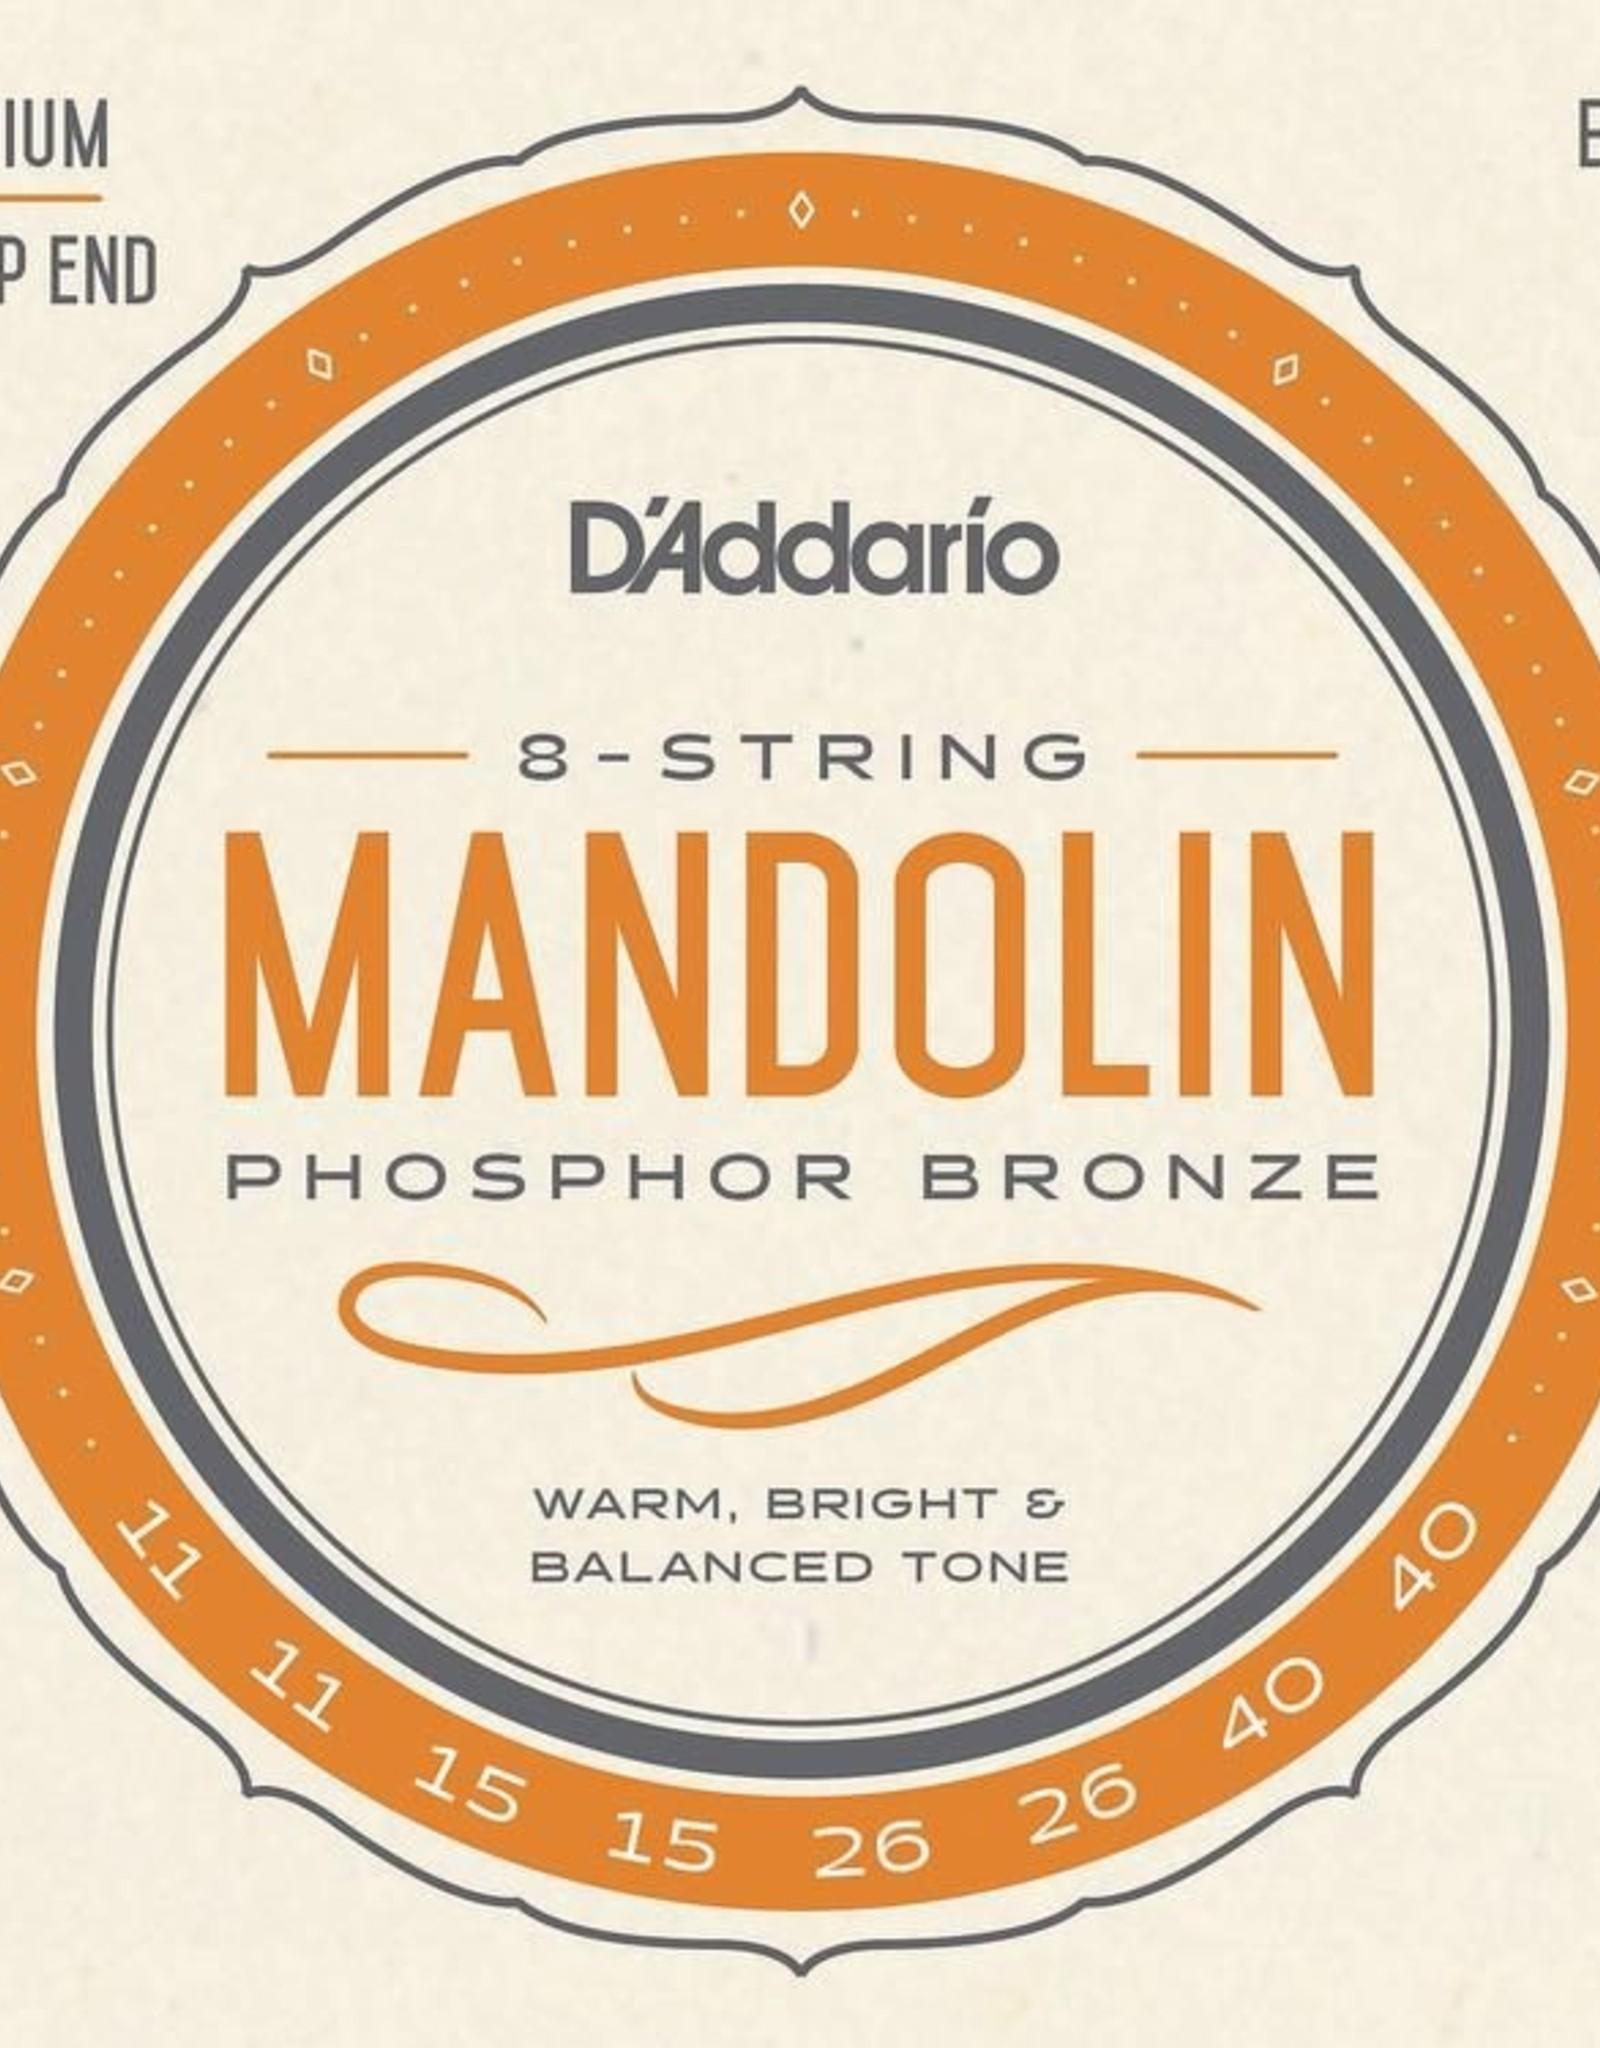 D'Addario D'Addario EJ74 Phosphor Bronze Medium Mandolin strings 11-40